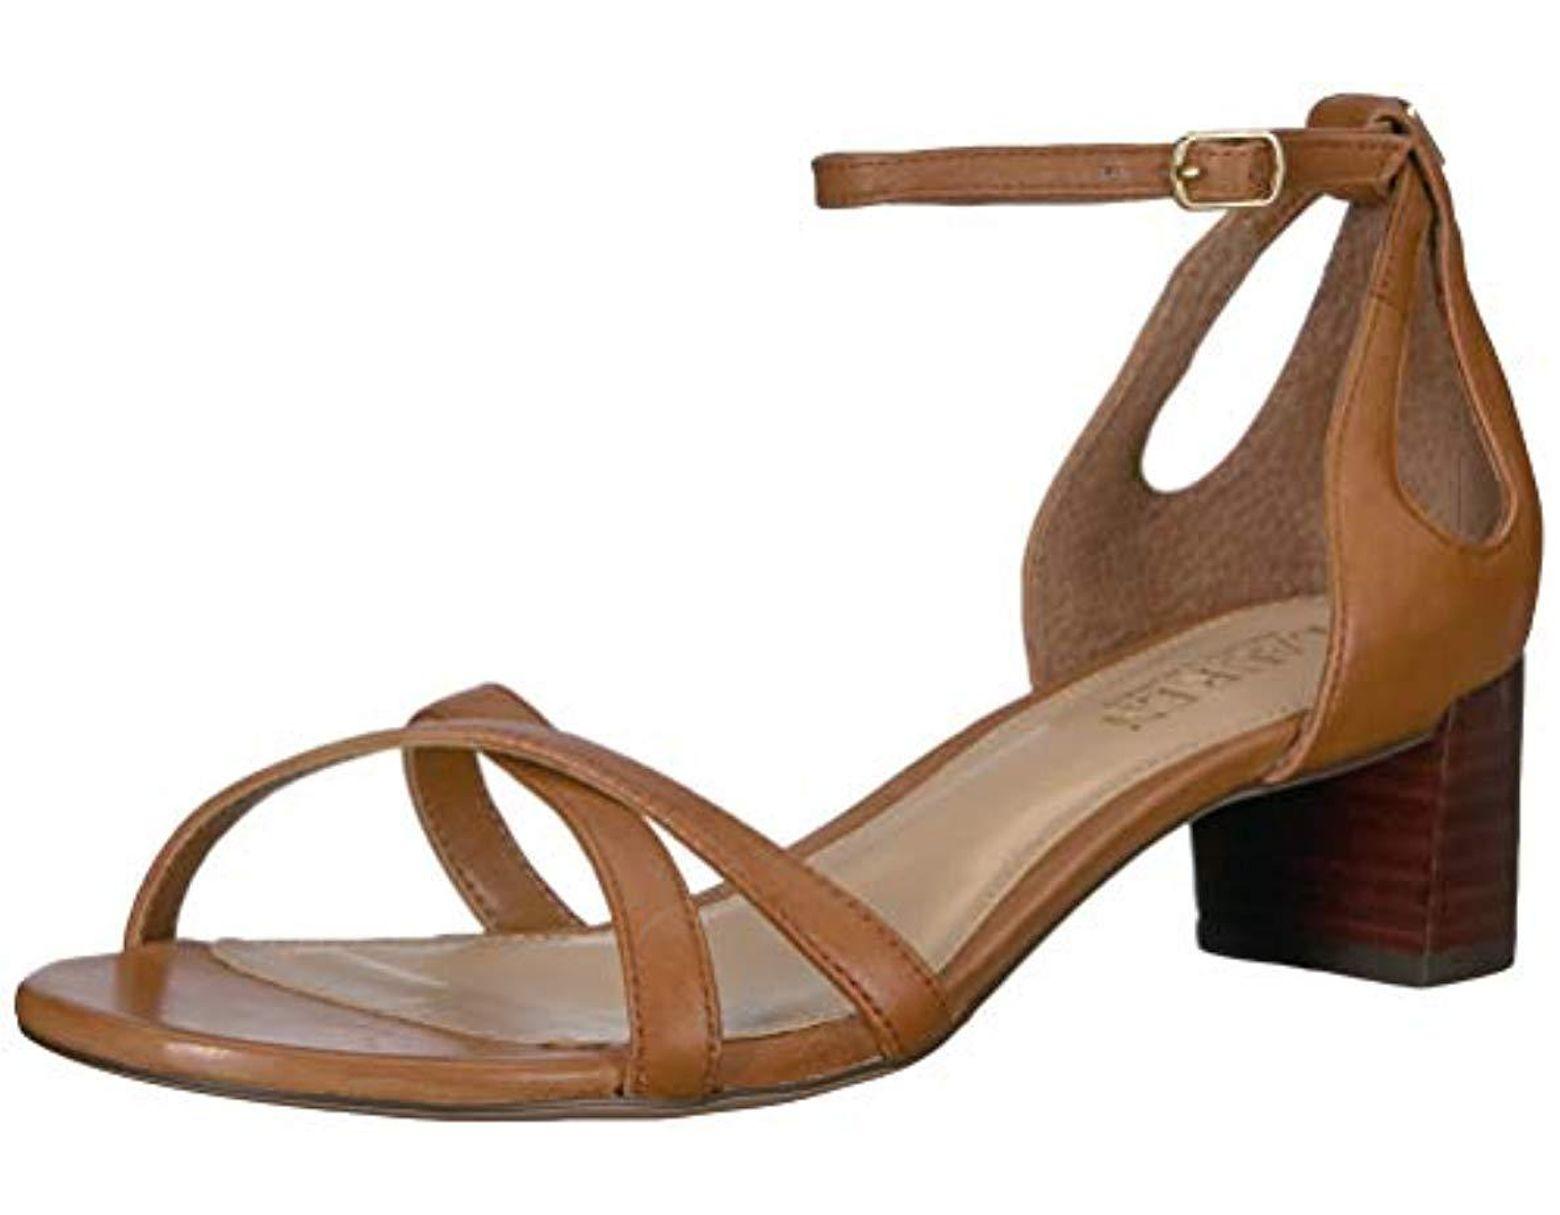 d92c467cdd7 Women's Brown Lauren Ralph Lauren Folly Sandal